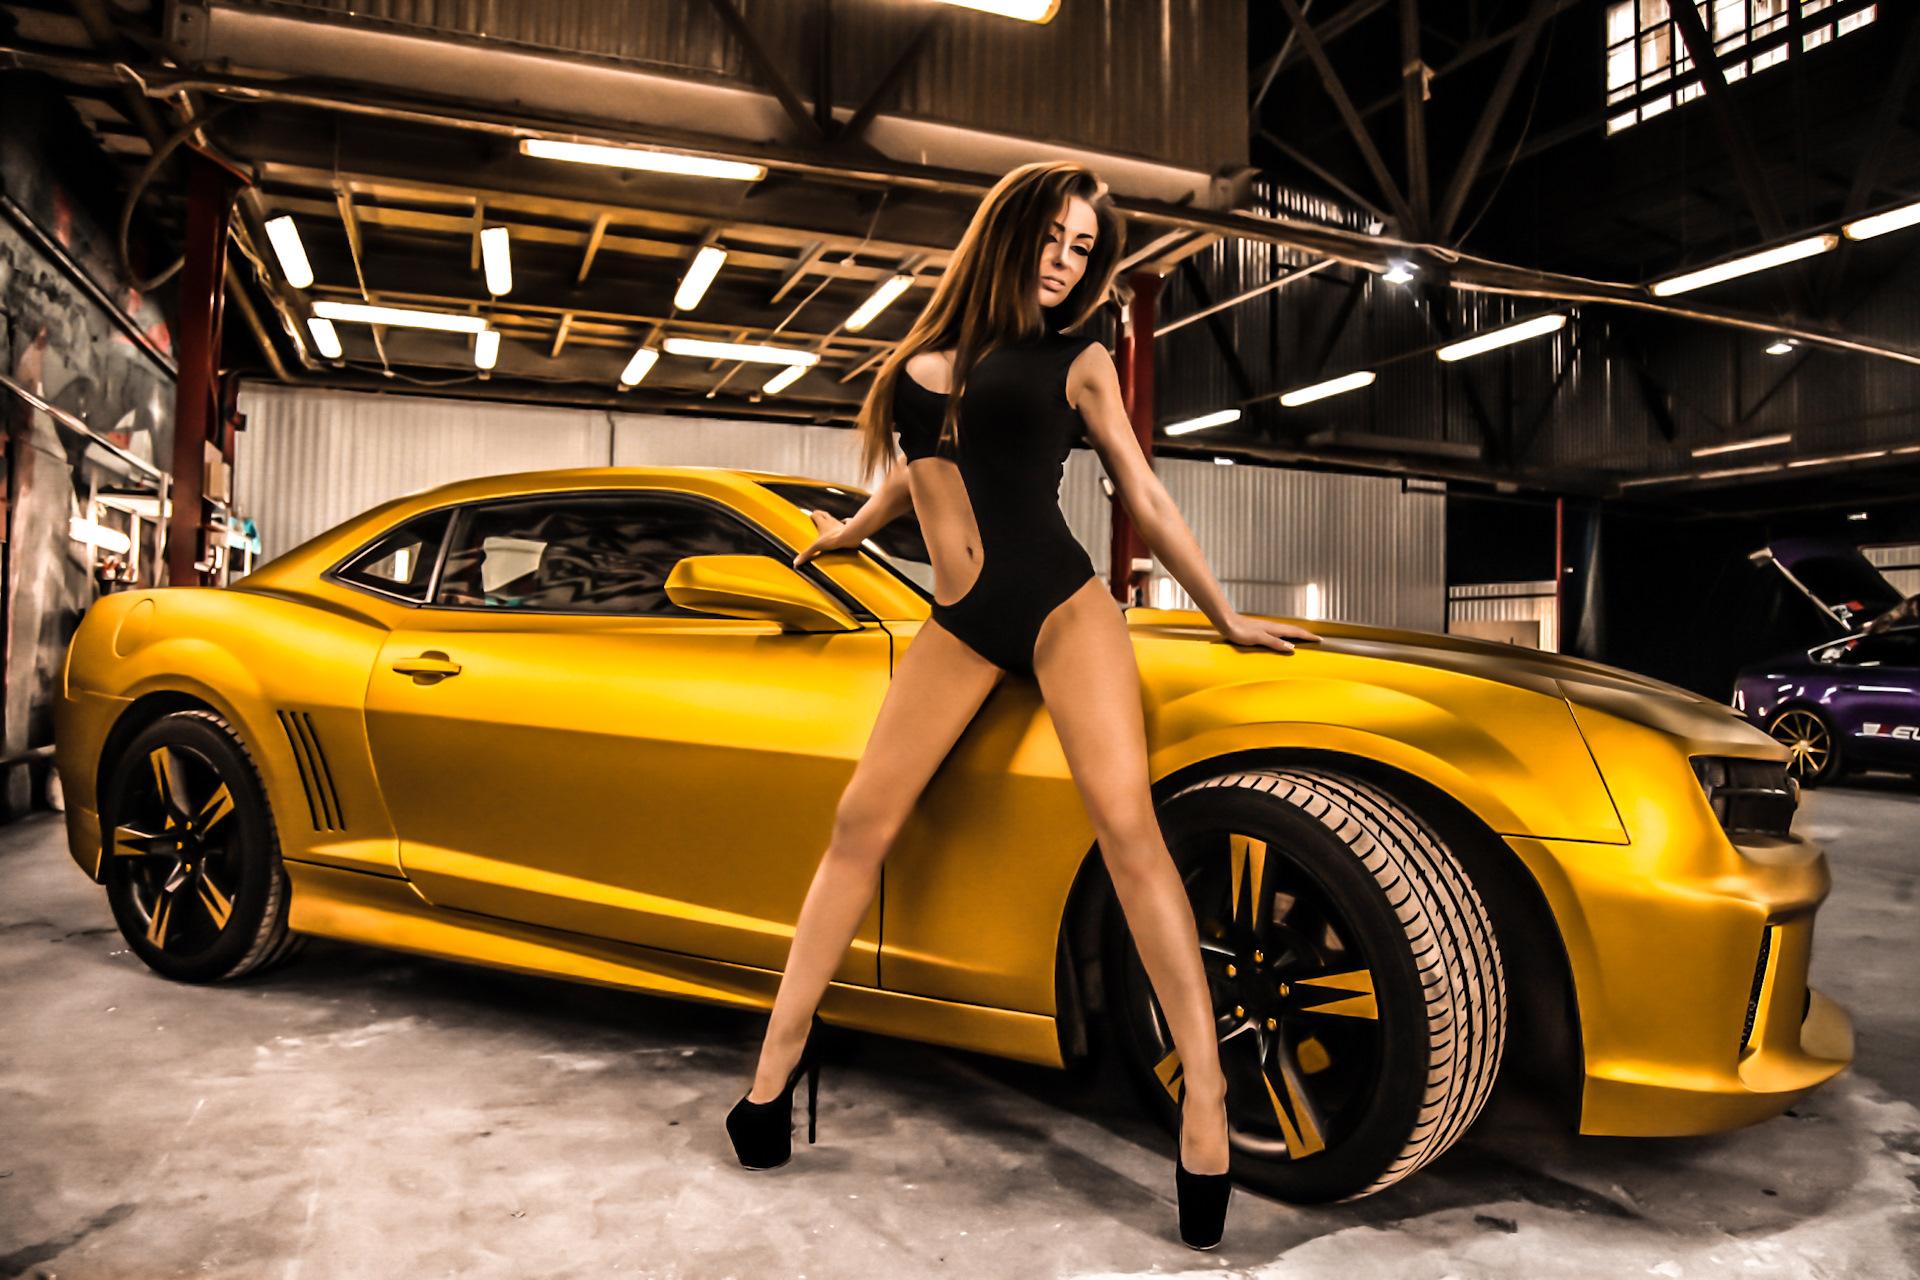 Camaro nude girl